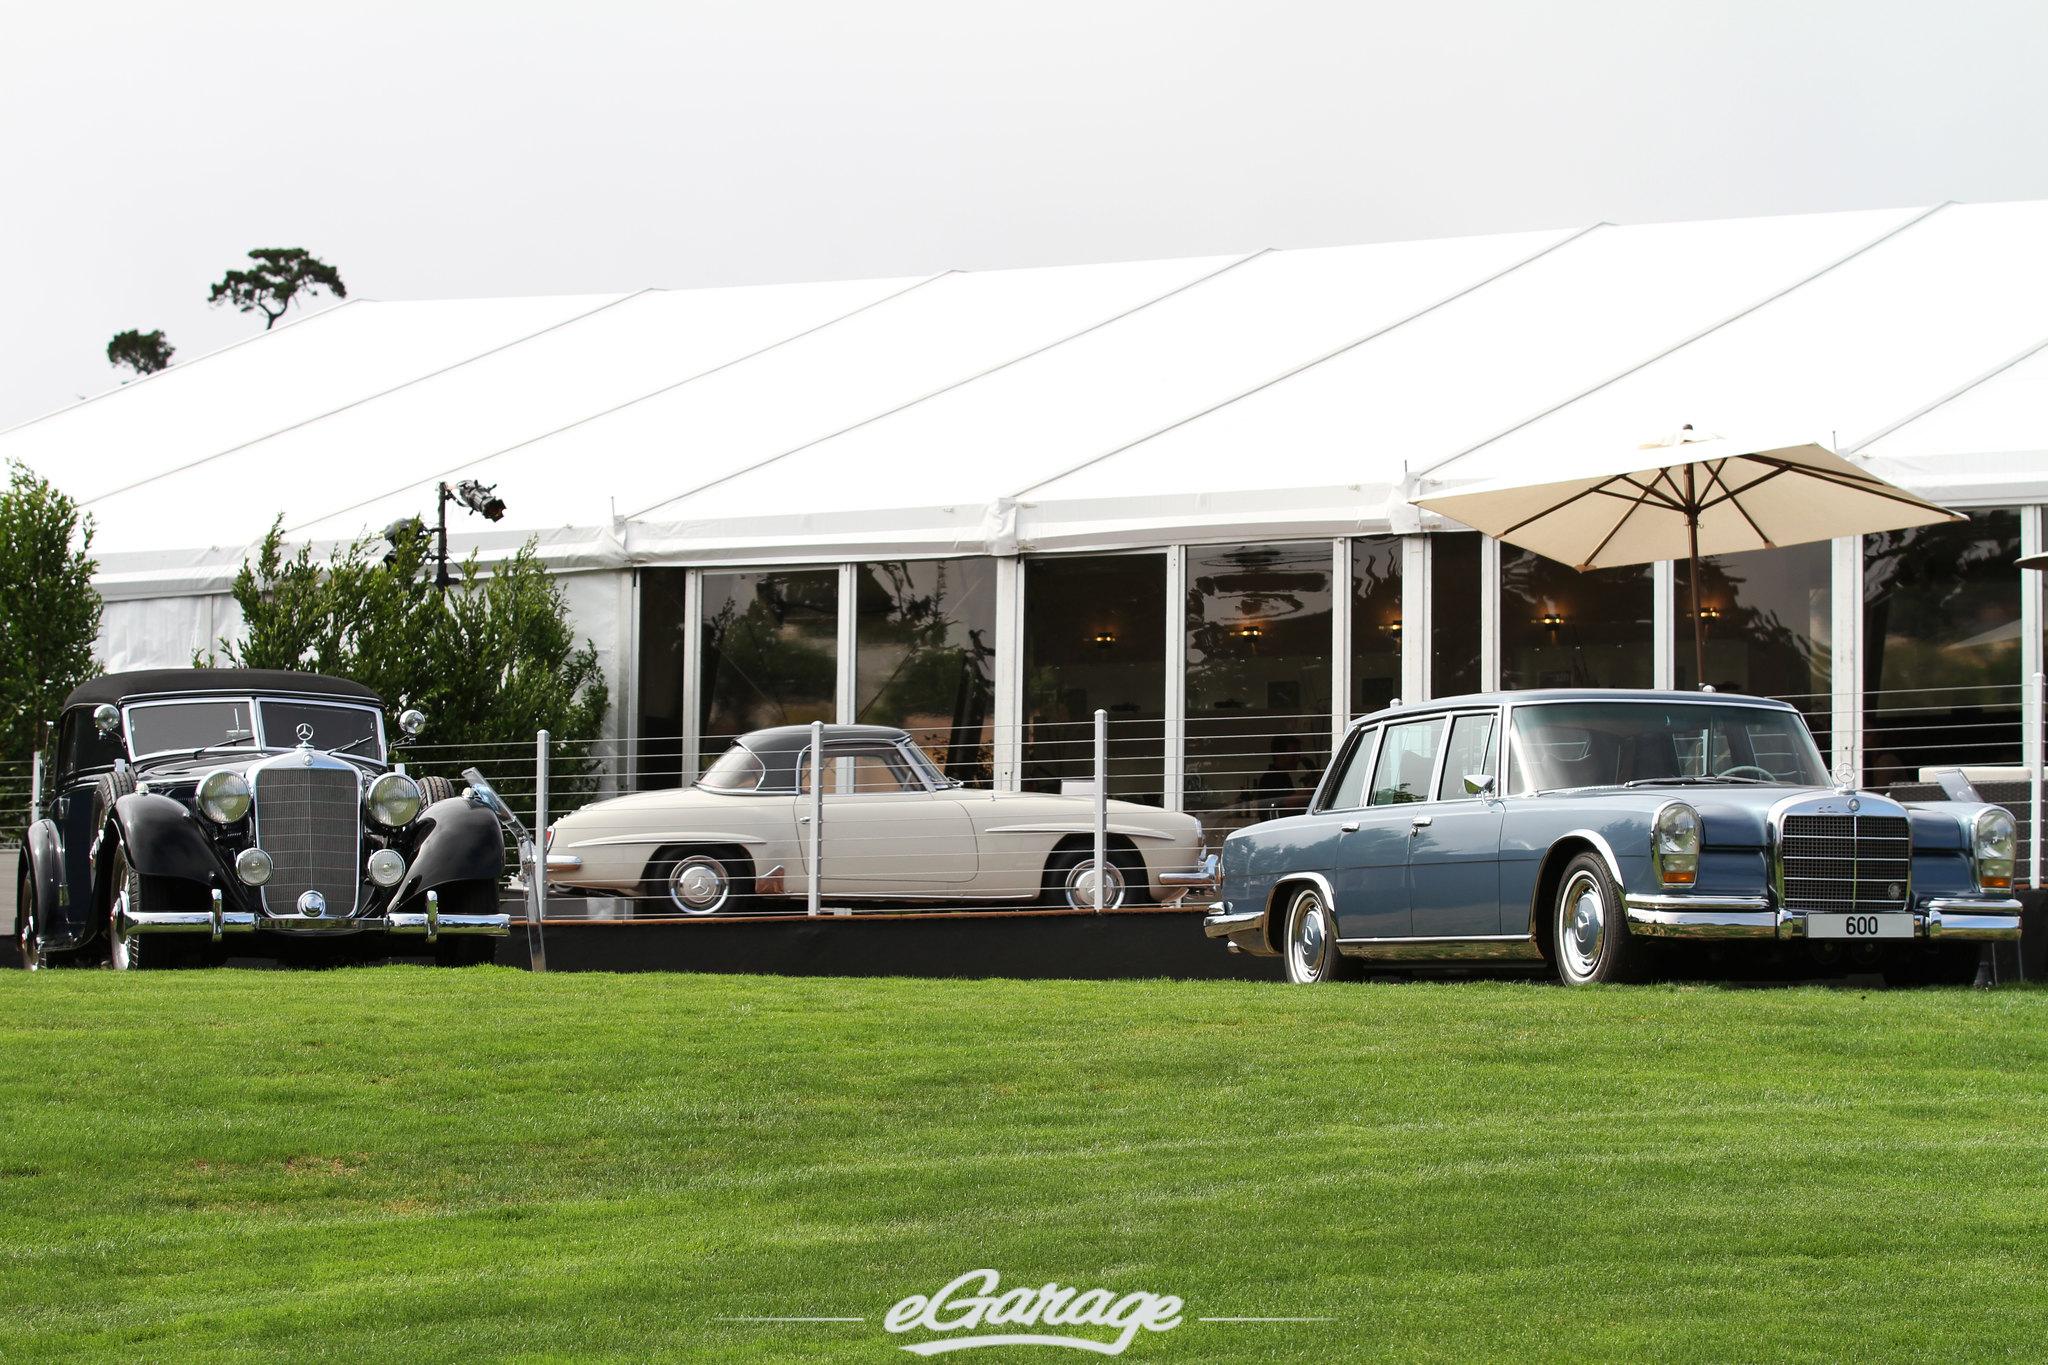 7828702680 c77f1c0d17 k Mercedes Benz Classic